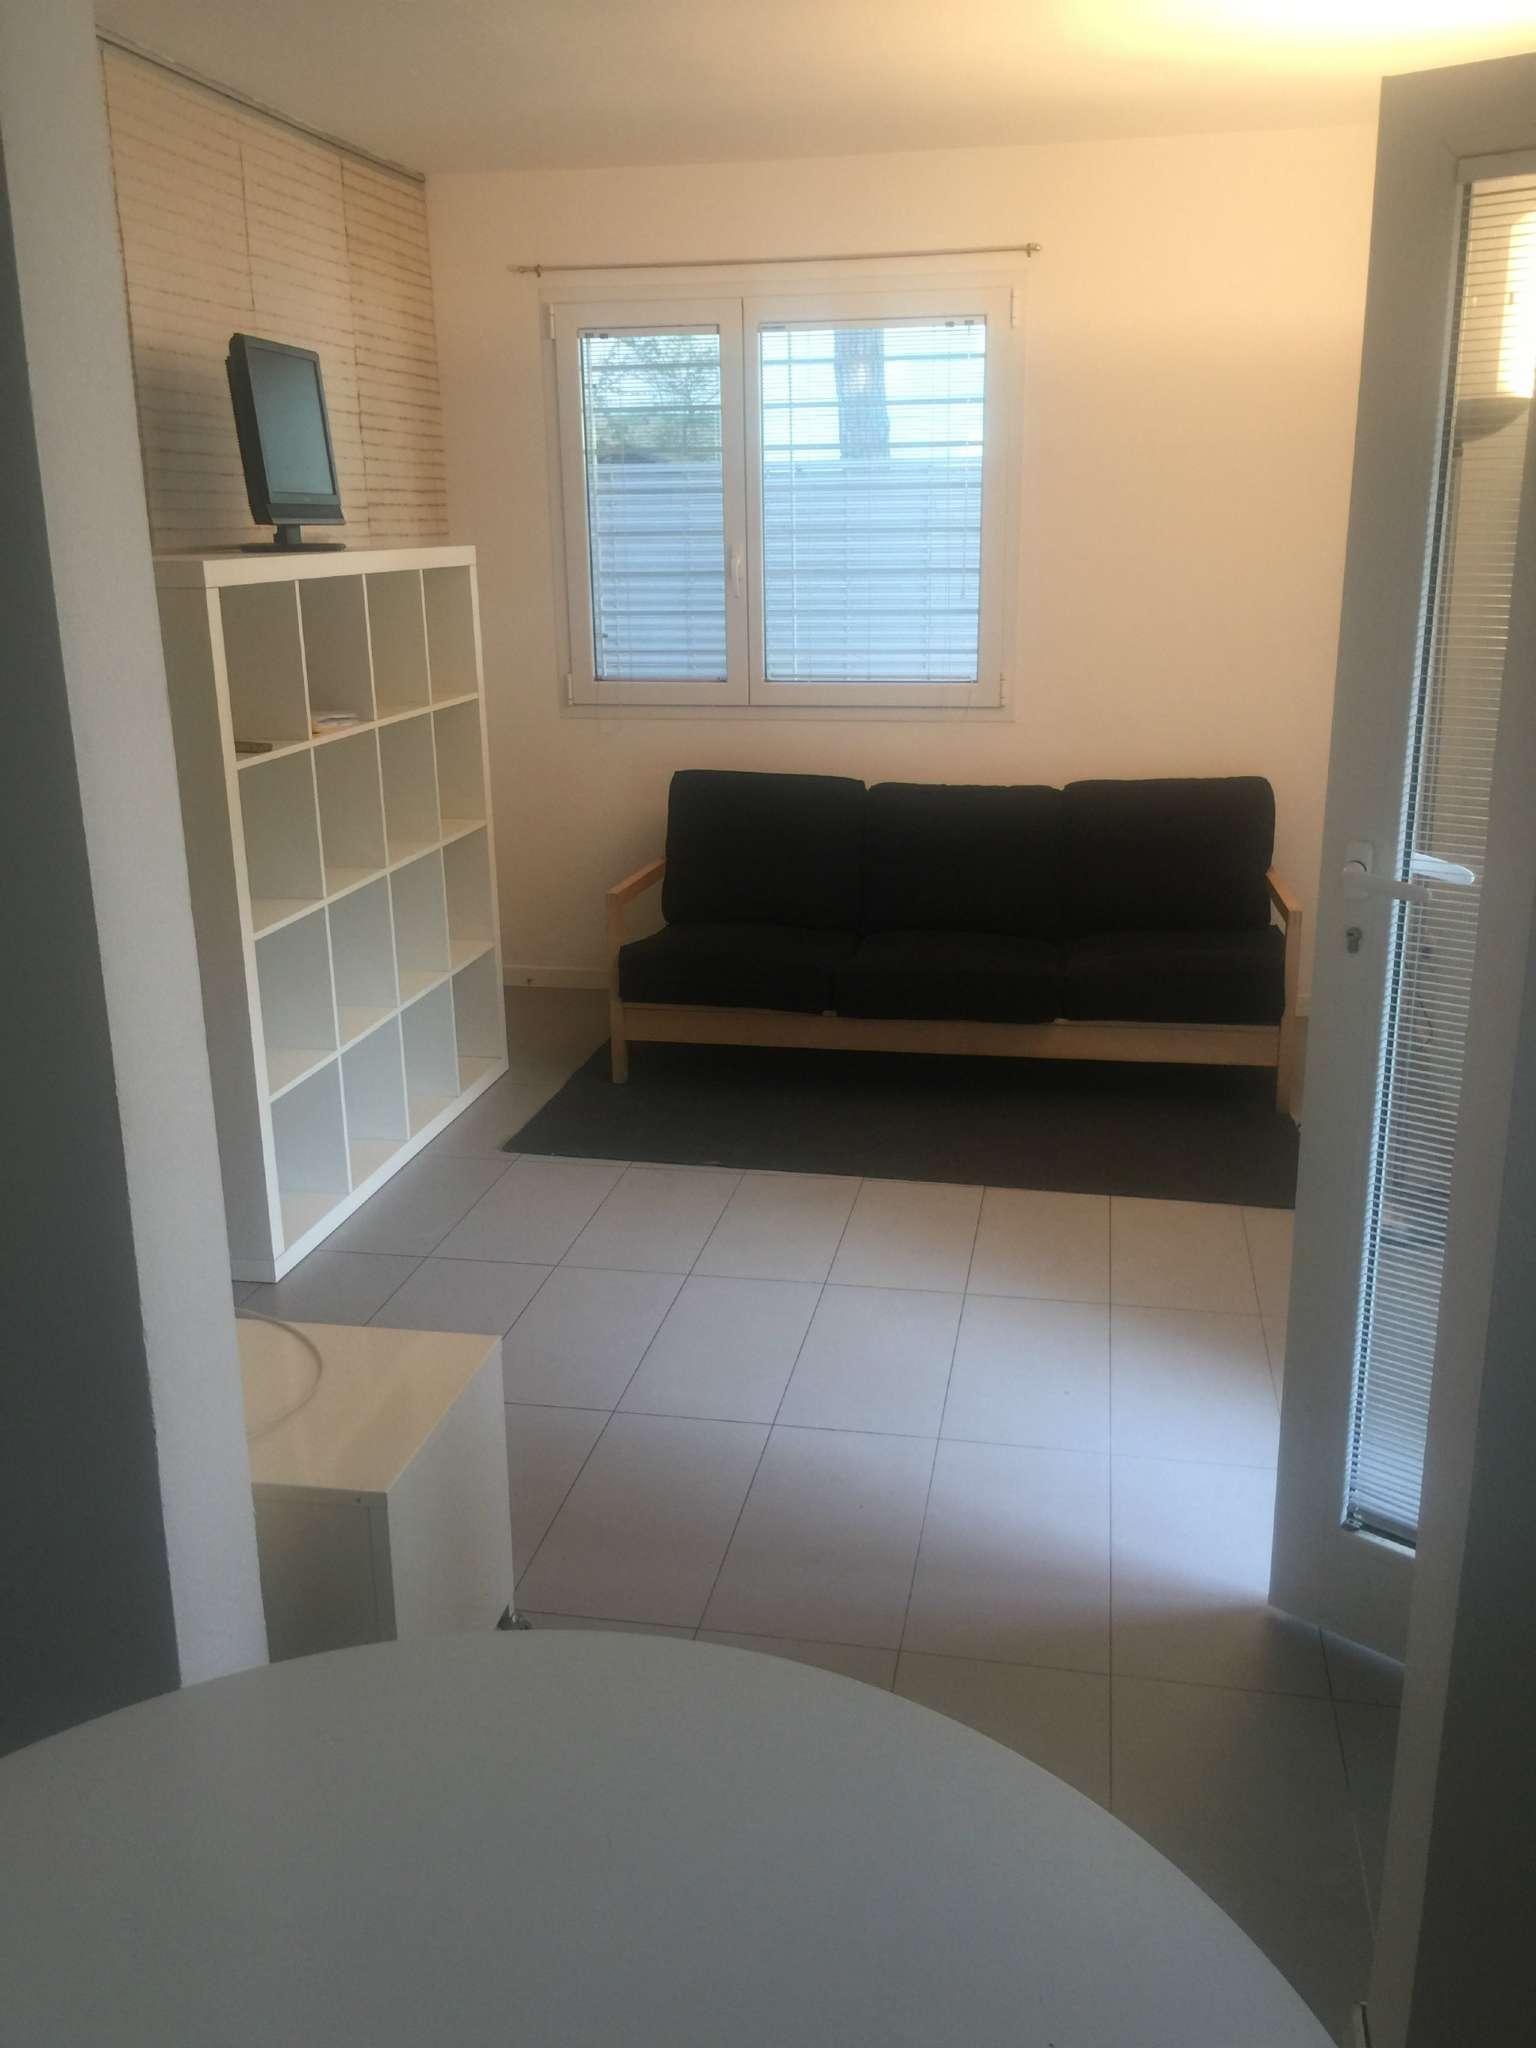 Appartamento in Affitto a Ravenna Periferia Est: 2 locali, 55 mq